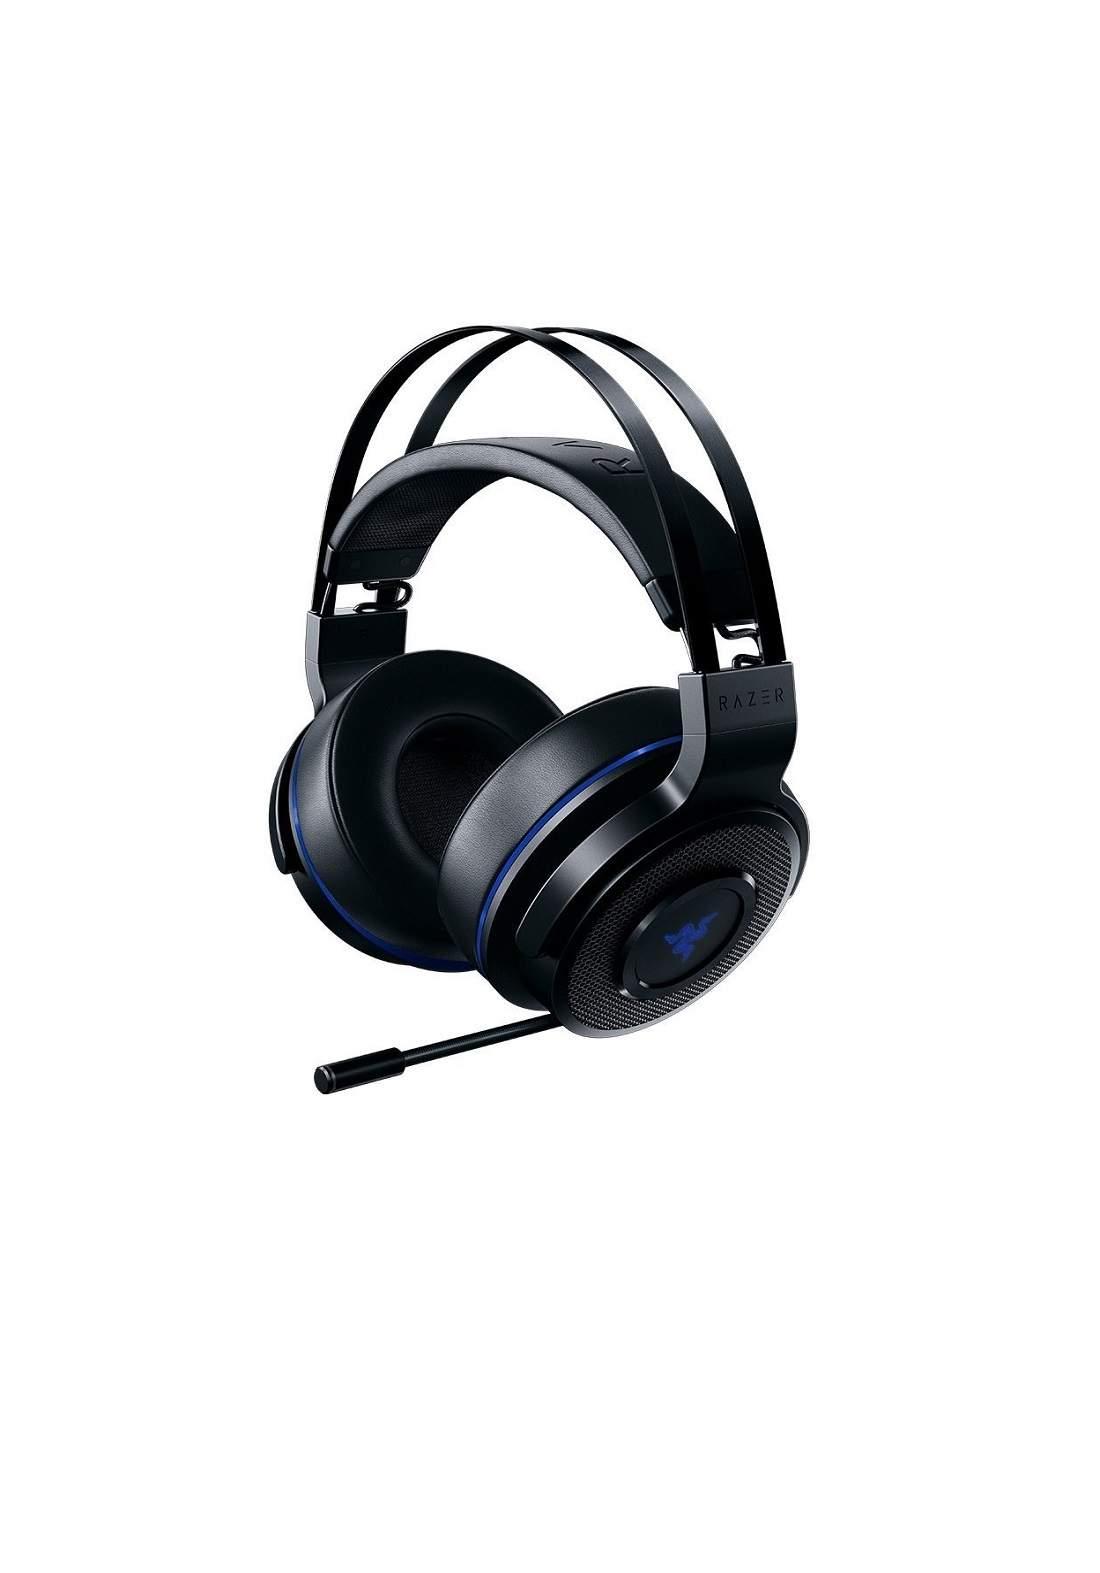 Razer Thresher 7.1 Wireless Surround Gaming Headset - Black سماعة